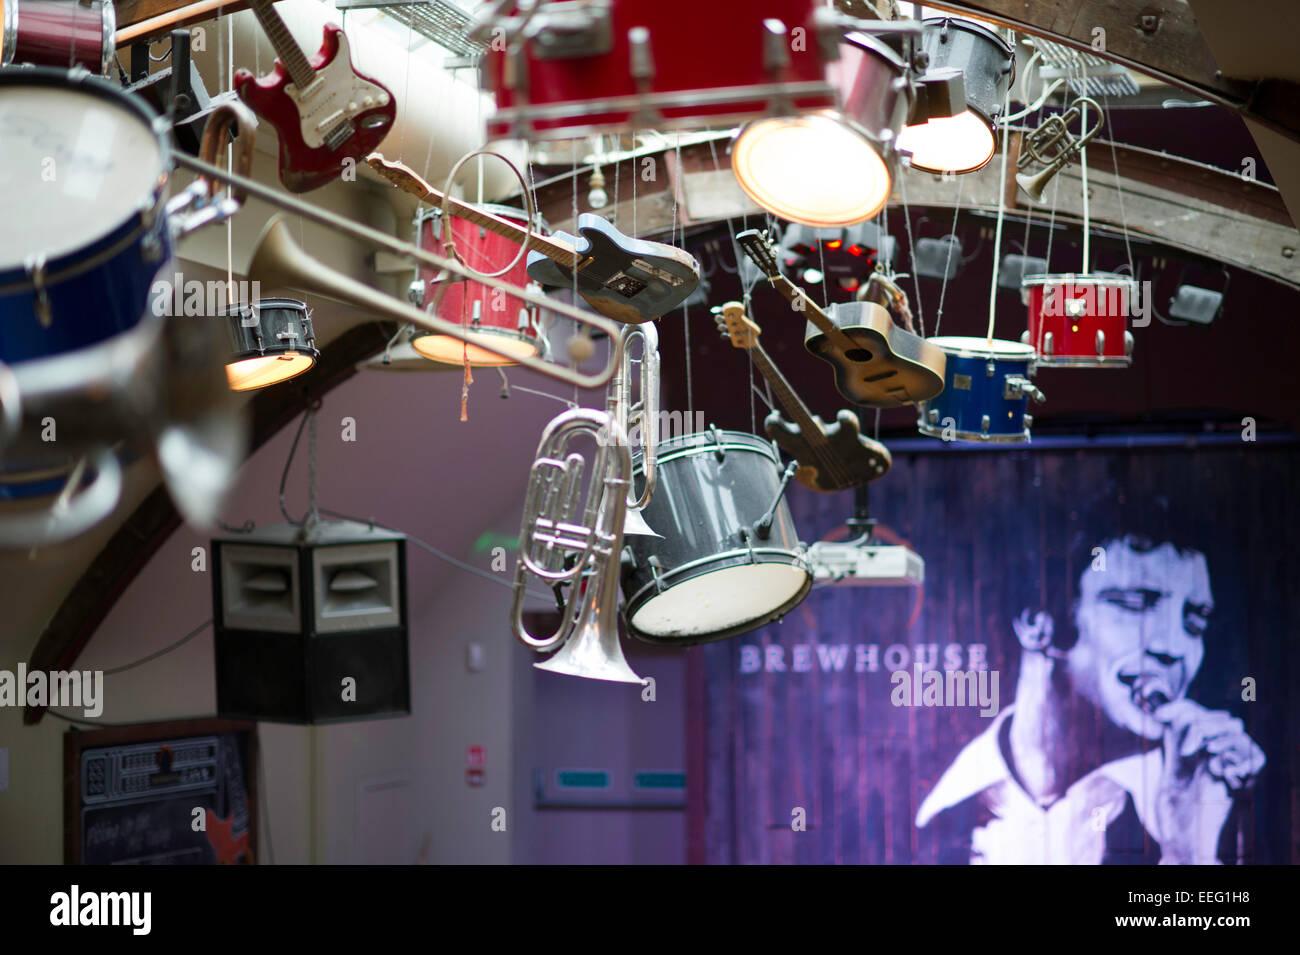 Strumenti musicali appesi al soffitto in tini di filtrazione pub Cardiff Immagini Stock